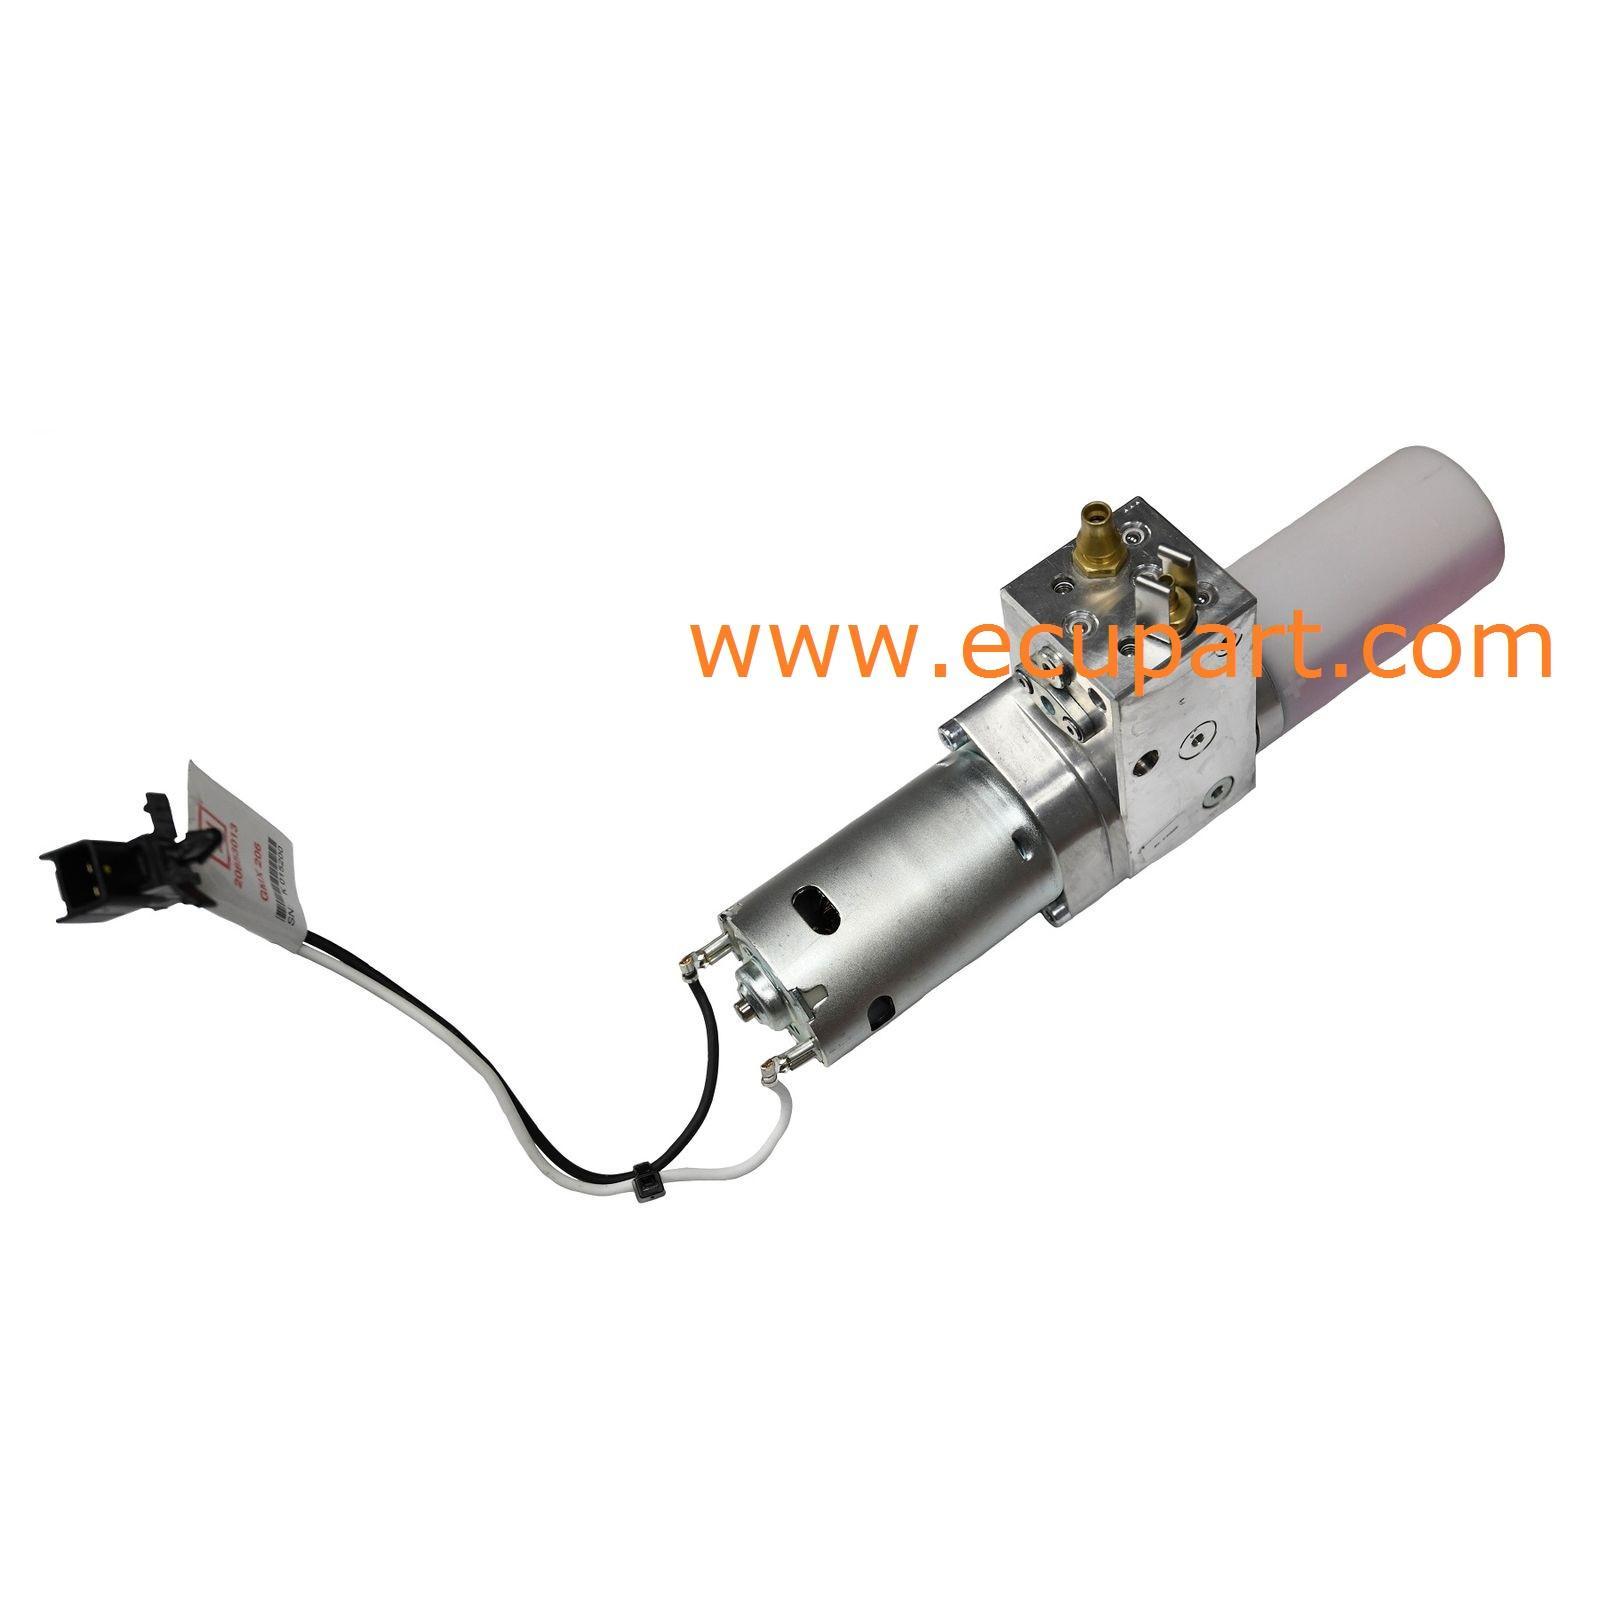 凯迪拉克尾门油泵 SRX后备箱电机 行李箱液压泵SRX尾门撑杆液压泵马达 2